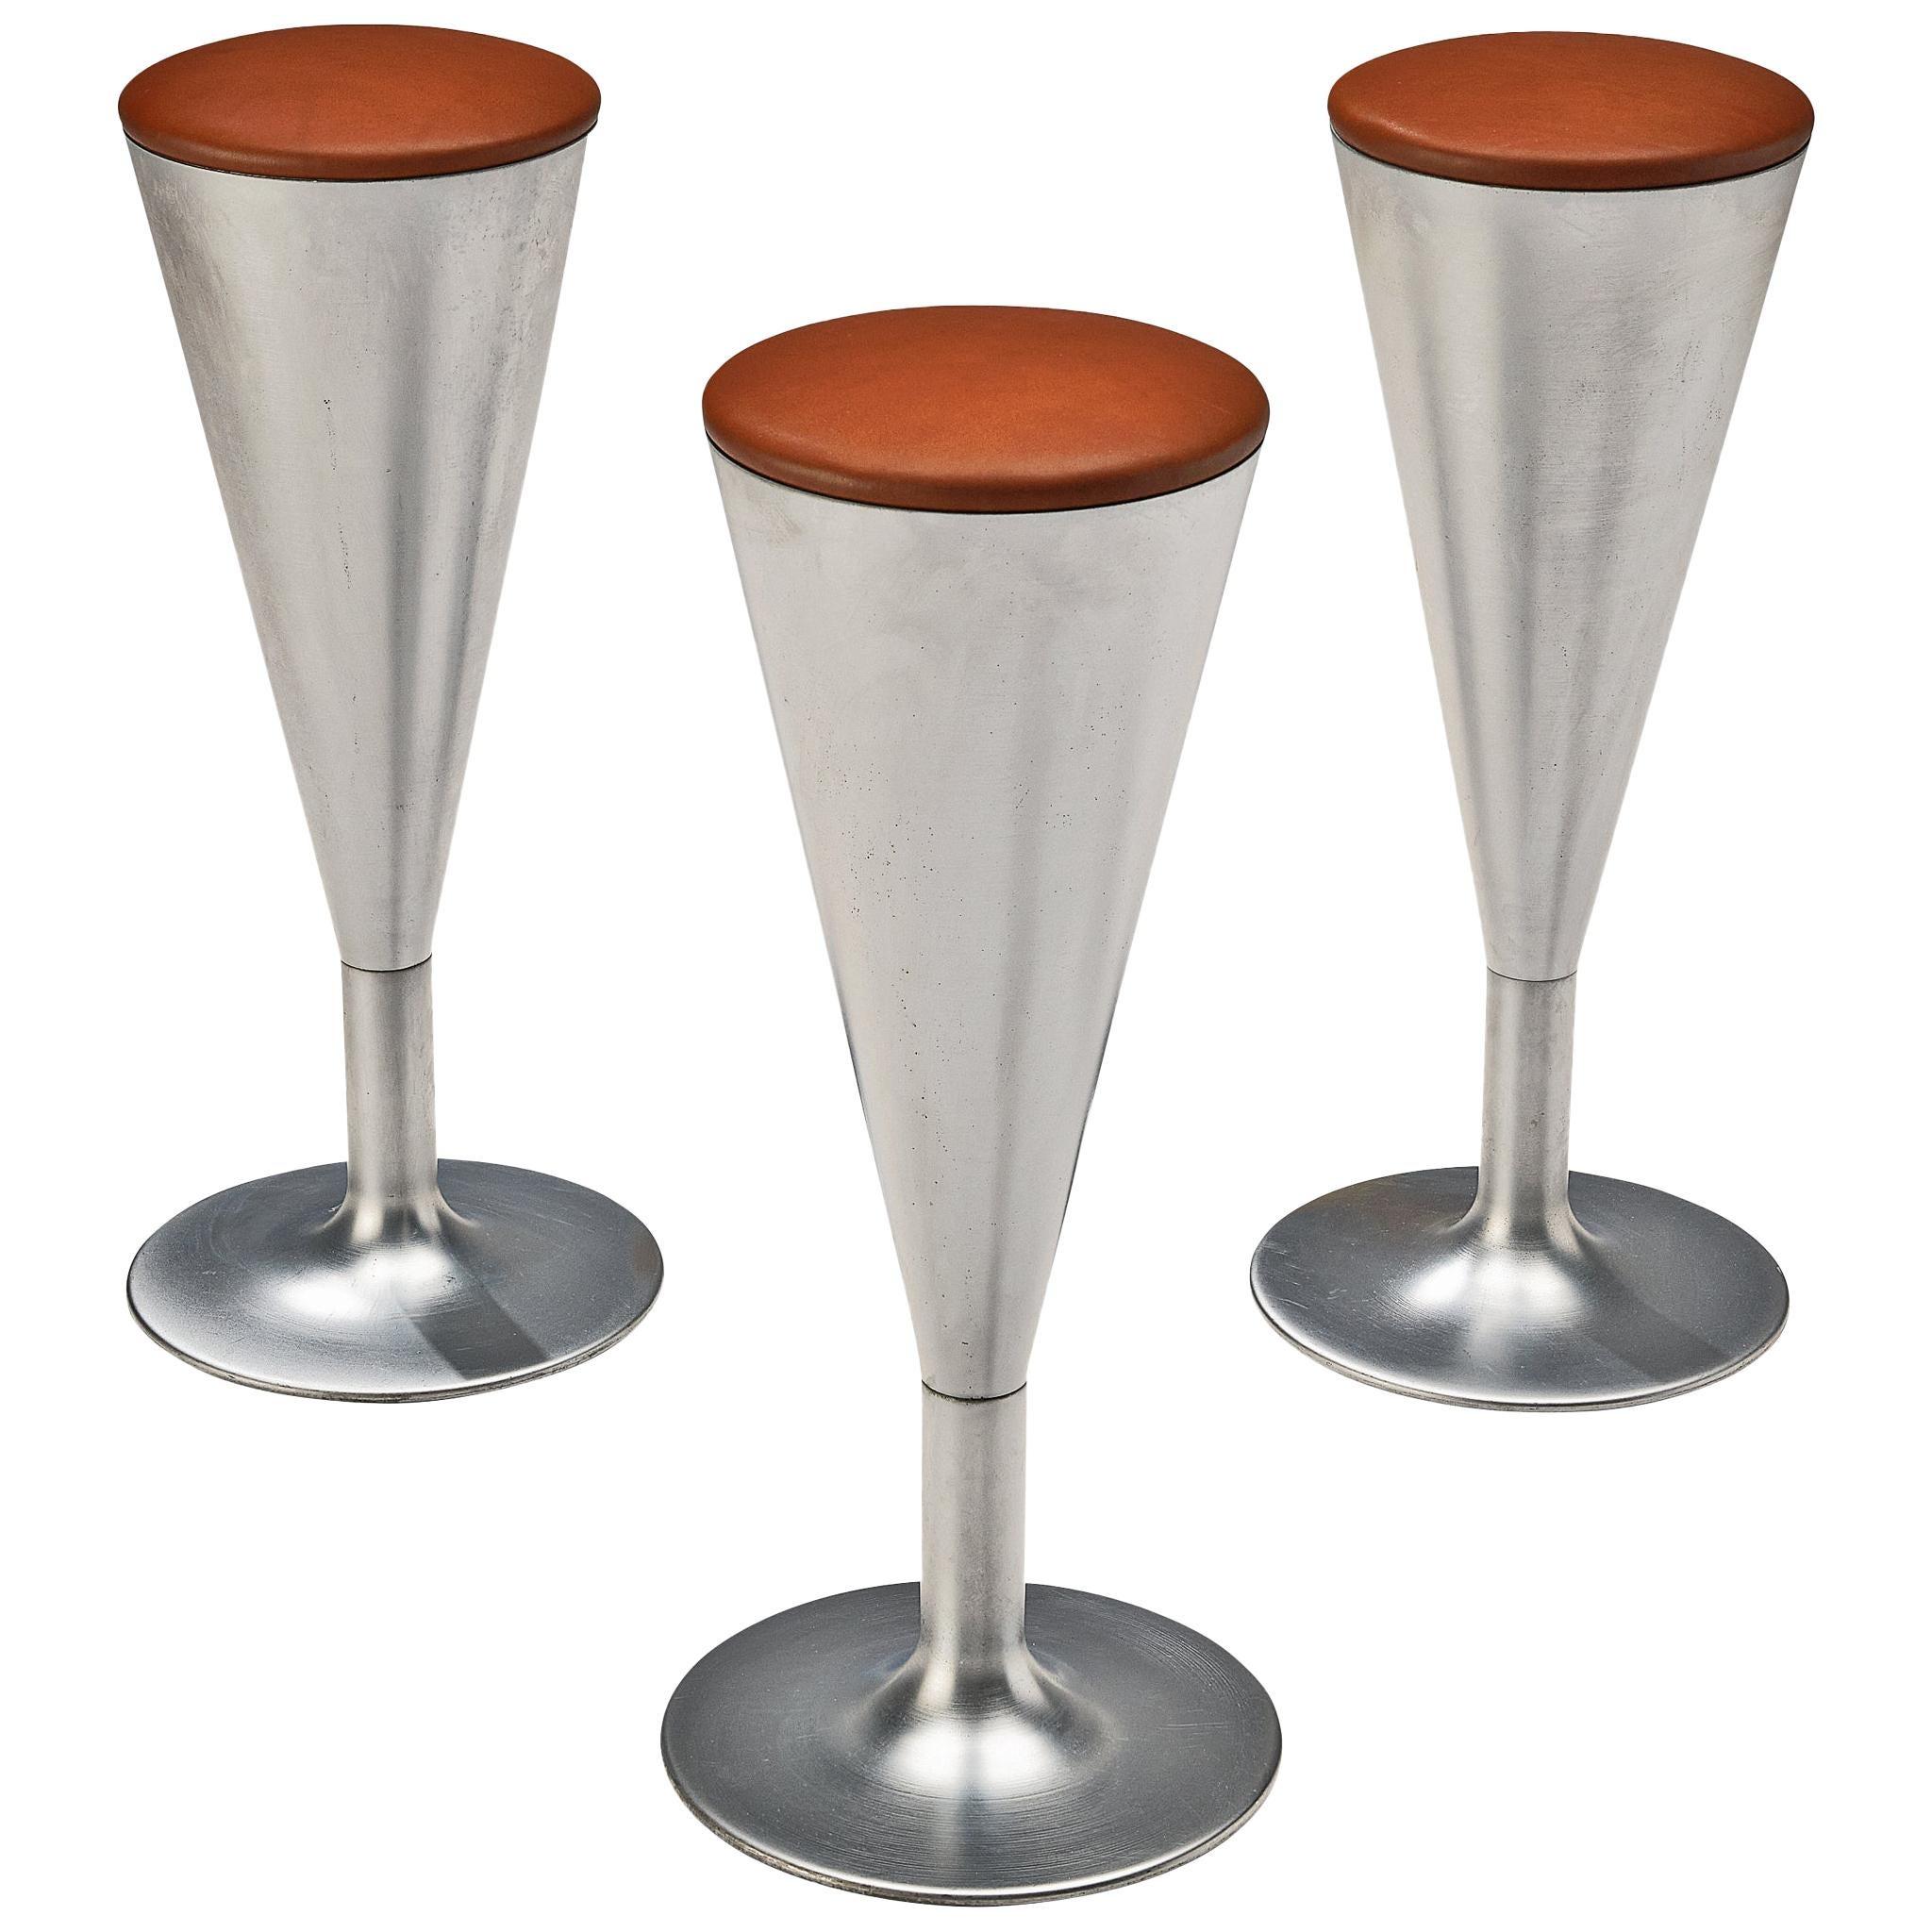 Leo Thafvelin for Johanson Design Set of Bar Stools in Steel